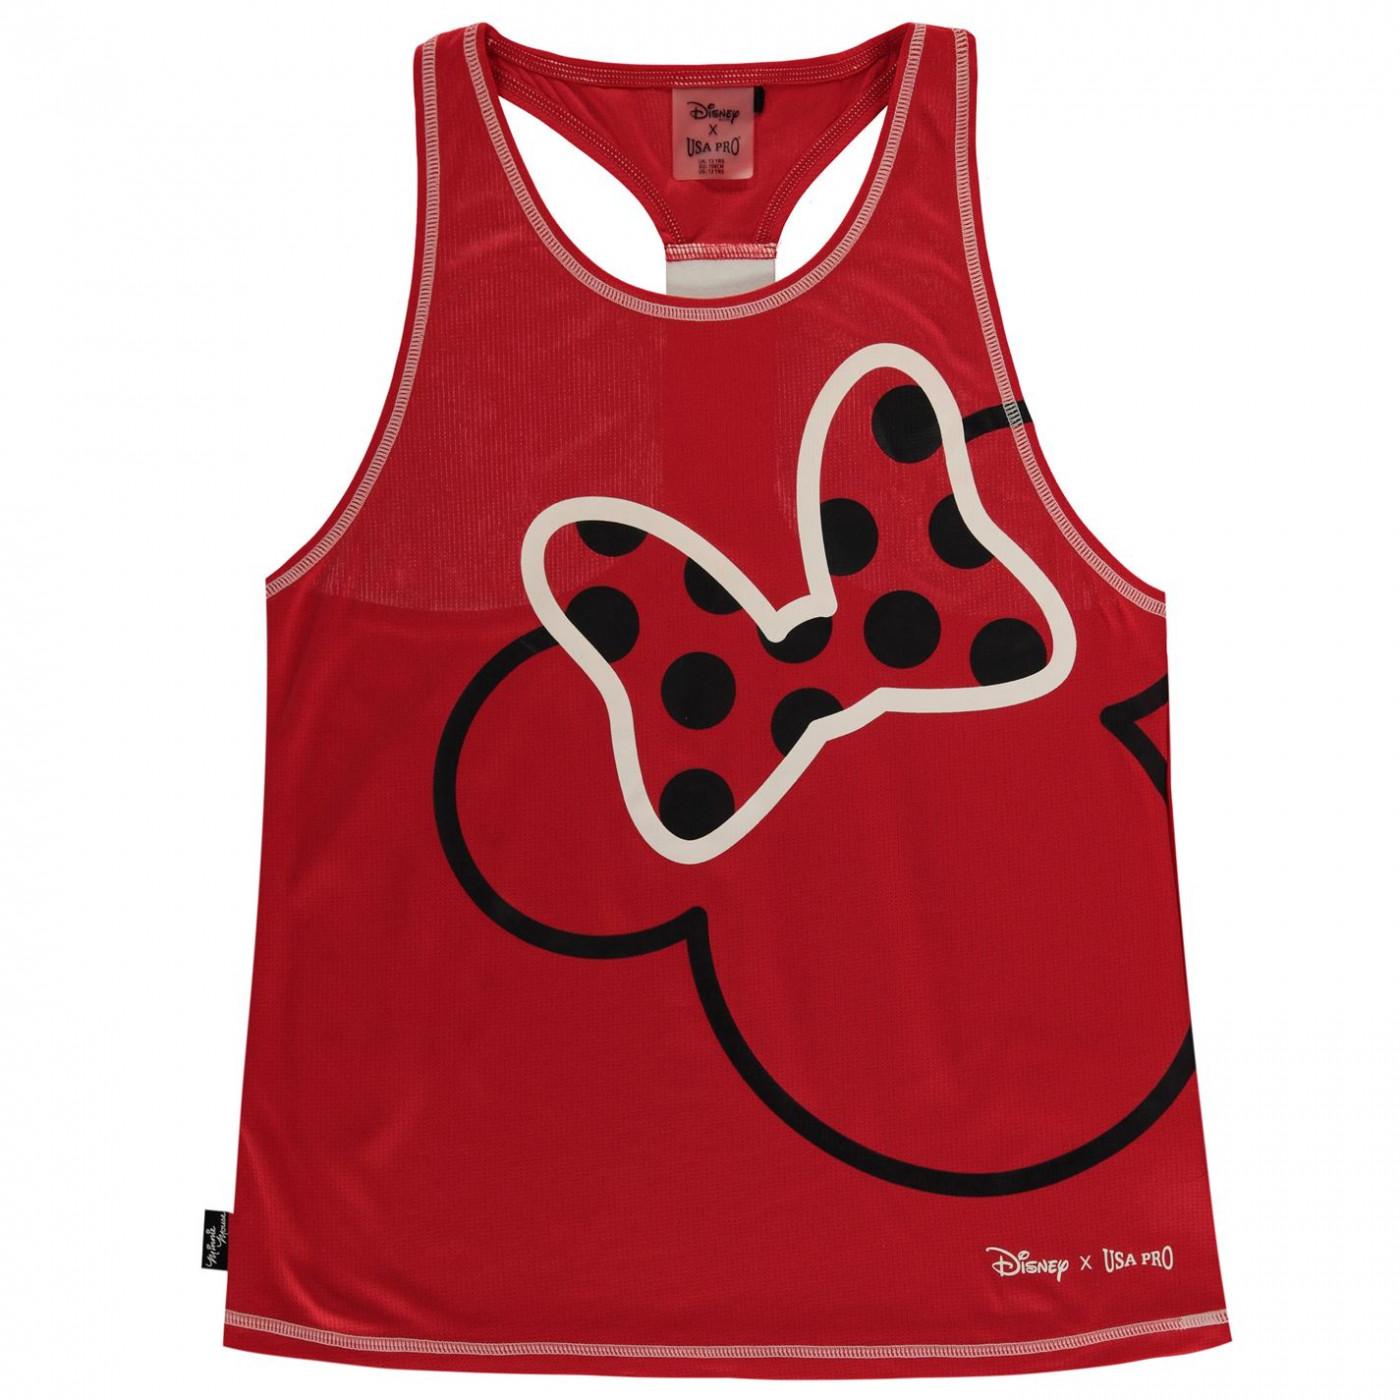 USA Pro Disney Vest Girls